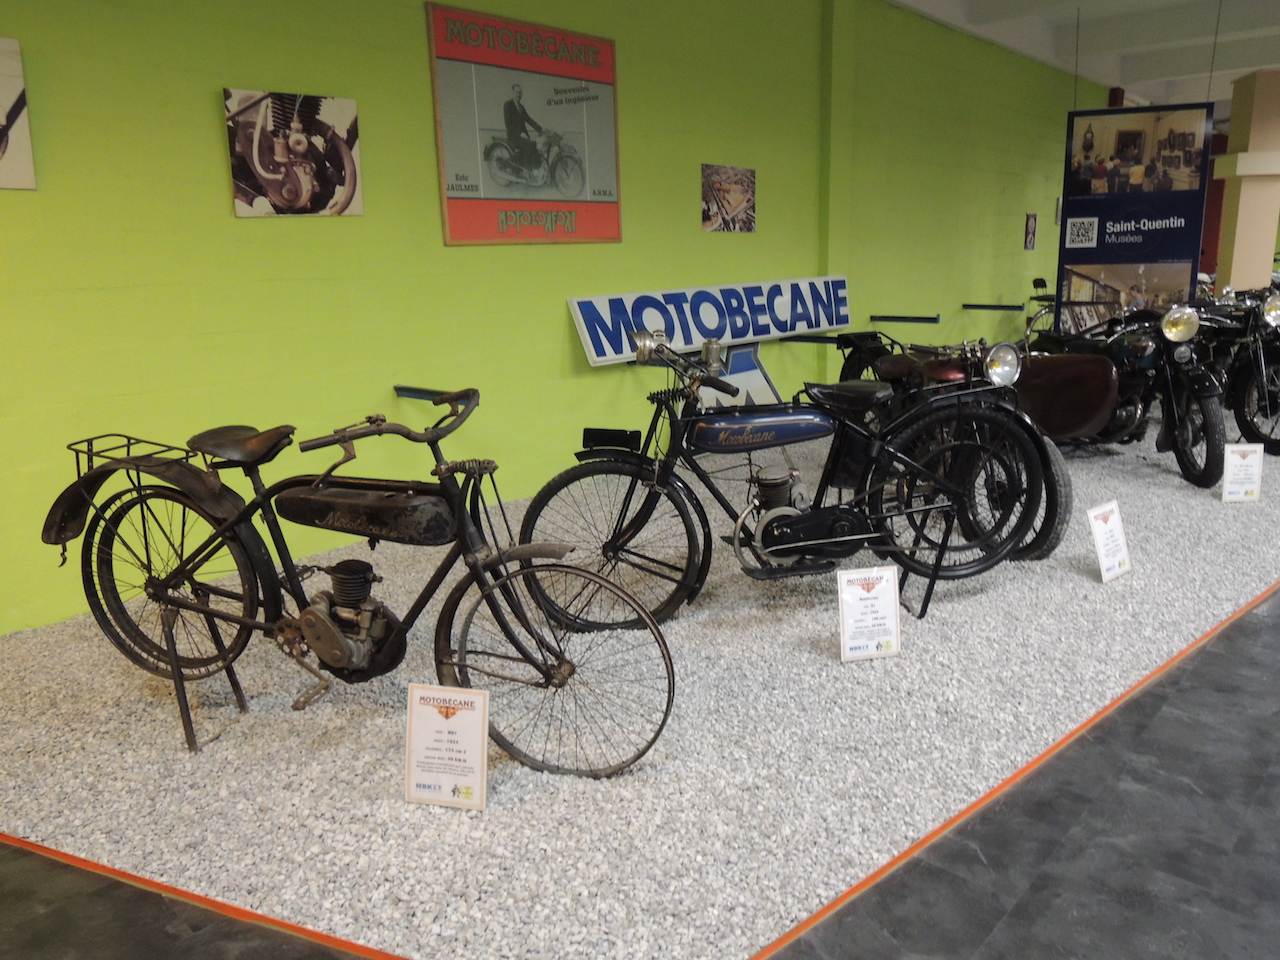 edb8aa90de0cc La durée estimée de la visite des deux musées est de 2 à 3 heures. Ils sont  accessibles aux personnes à mobilité réduite et le parking est gratuit. Si  vous ...